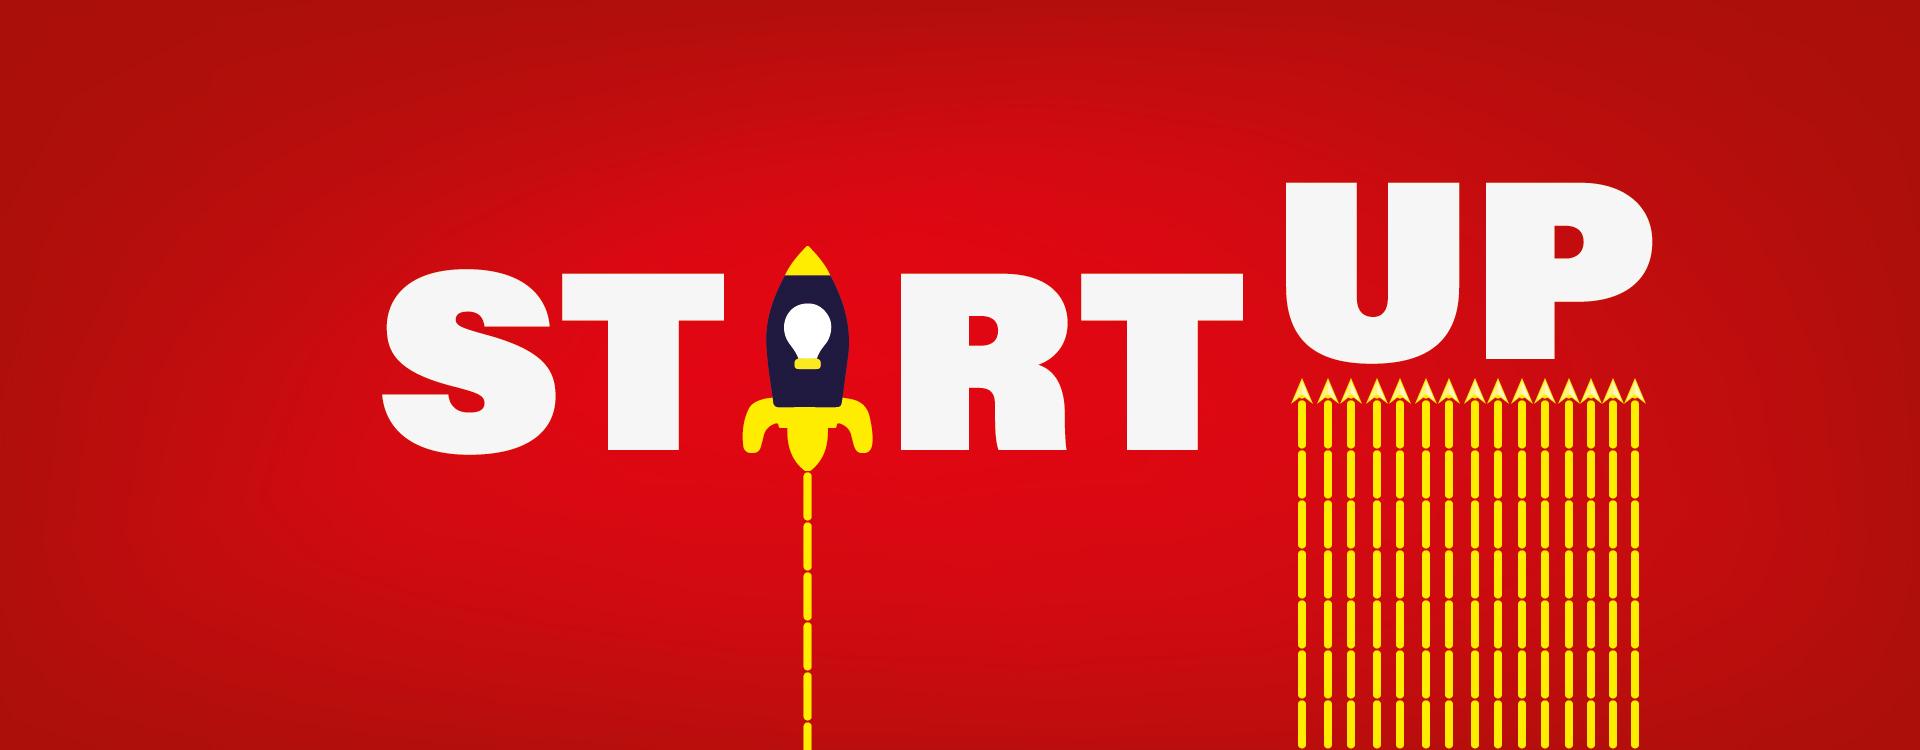 Hybrid Entrepreneurship: Starting a business as a side gig